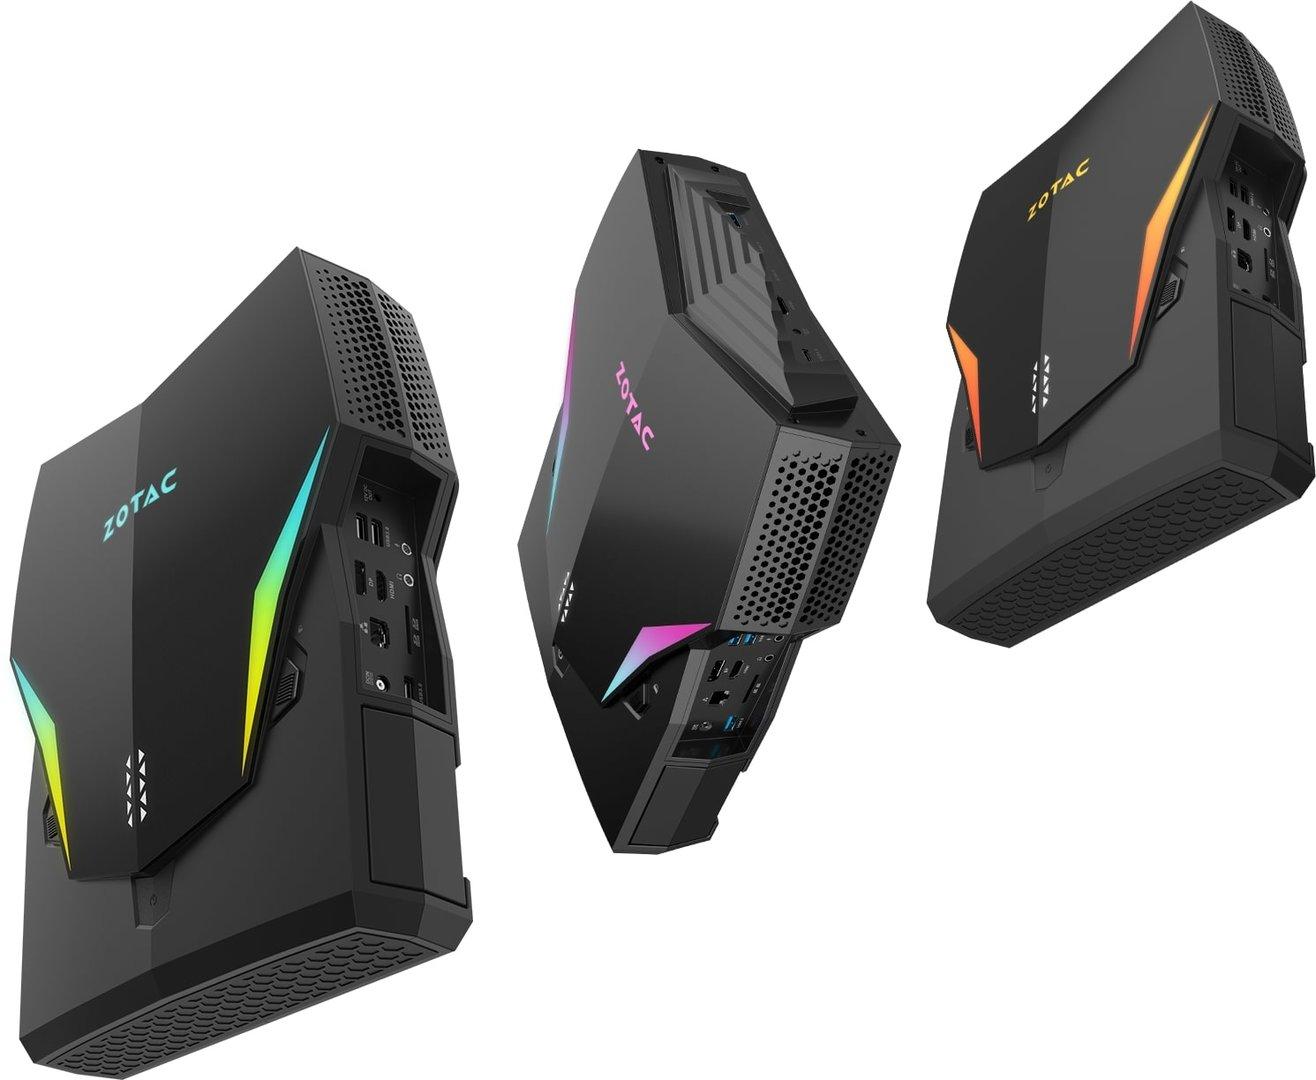 RGB-Beleuchtung mit Spectra 2.0